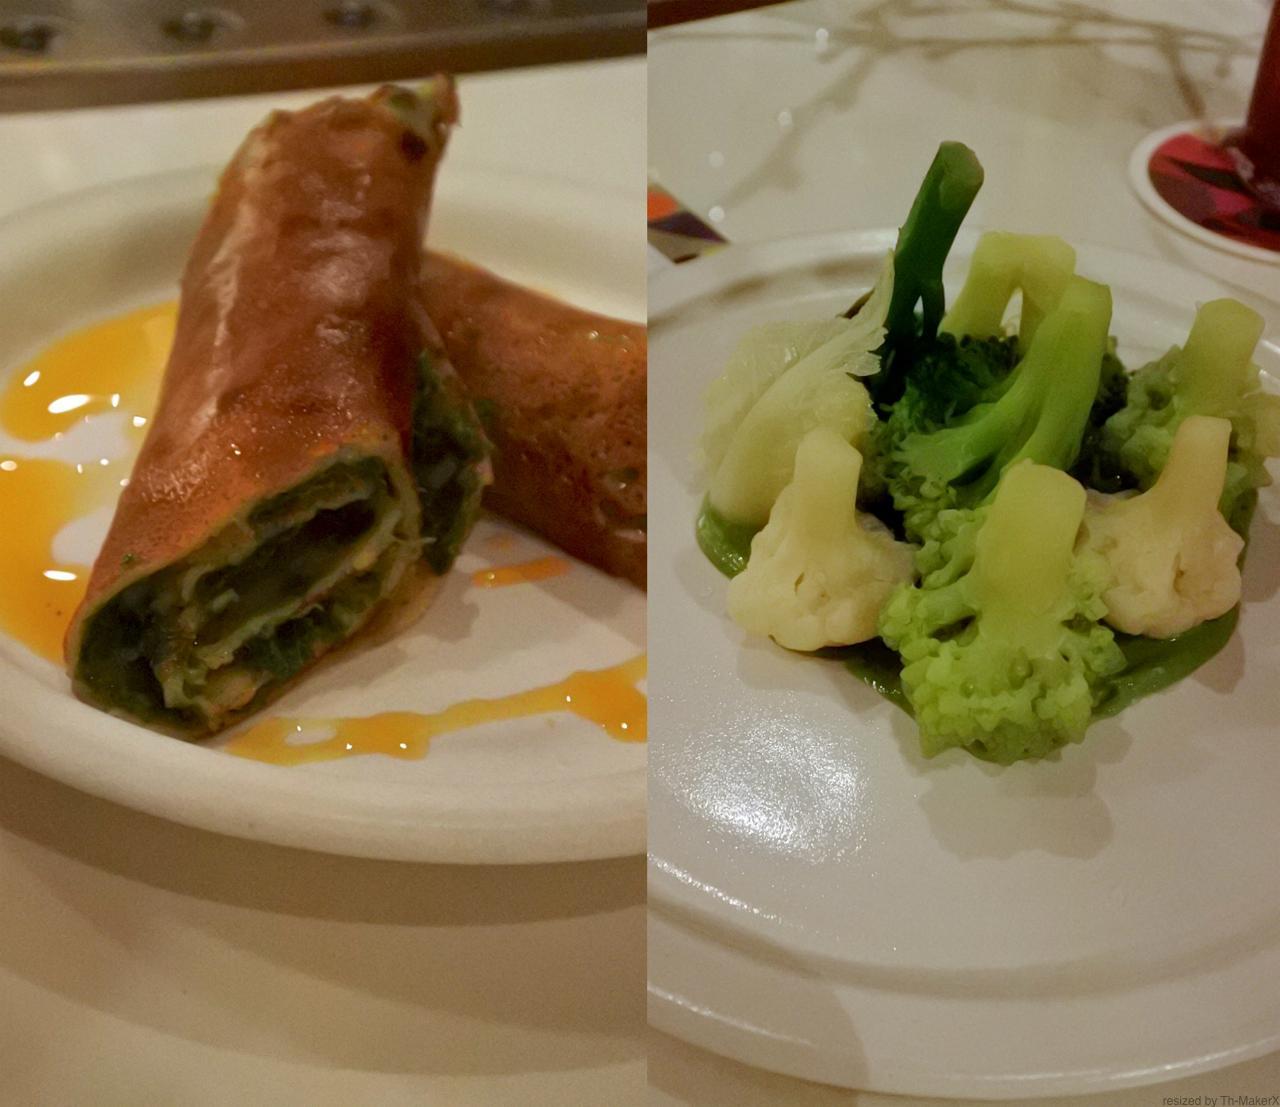 ひよこ豆のパンケーキ・ロール(左)とブロッコリーのペコリーノ・ソース